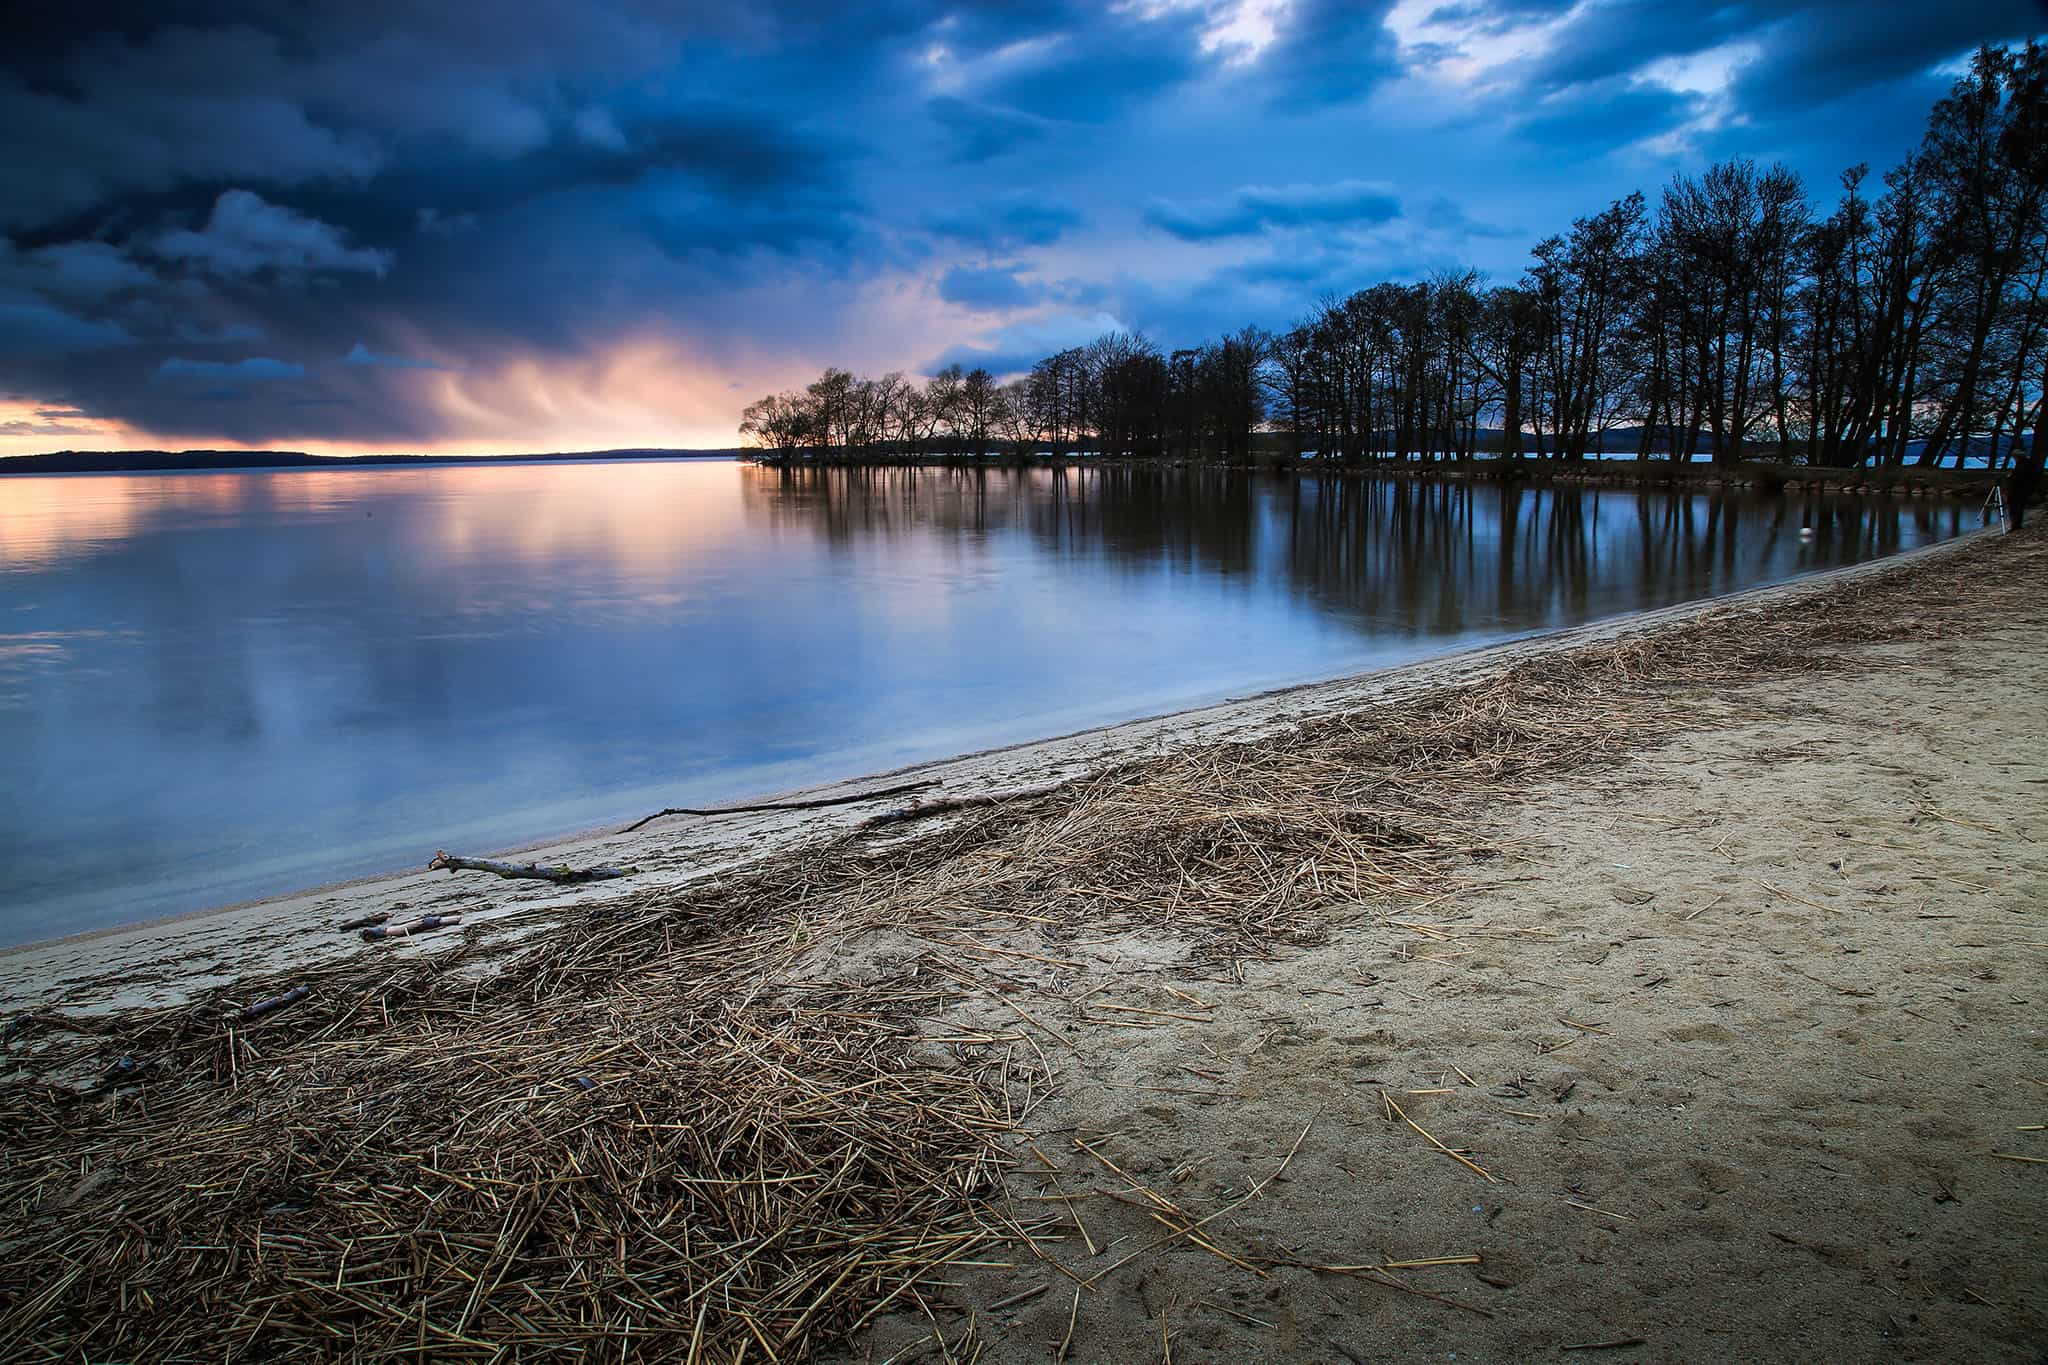 Regn vid horisonten i solnedgång på Strandängen, Bromölla